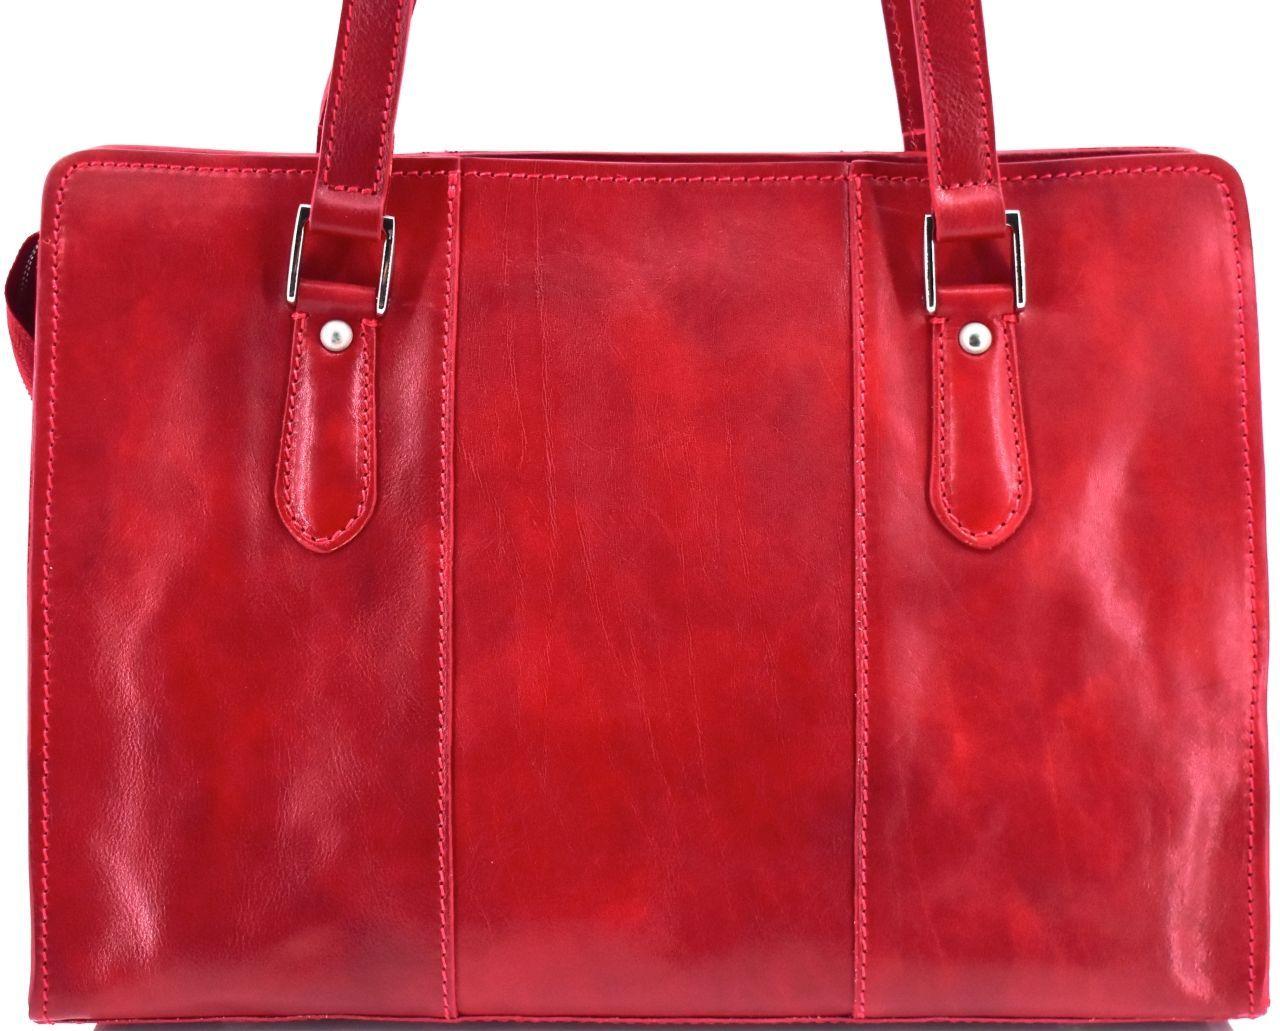 Dámská kožená kabelka Arteddy - červená 33955